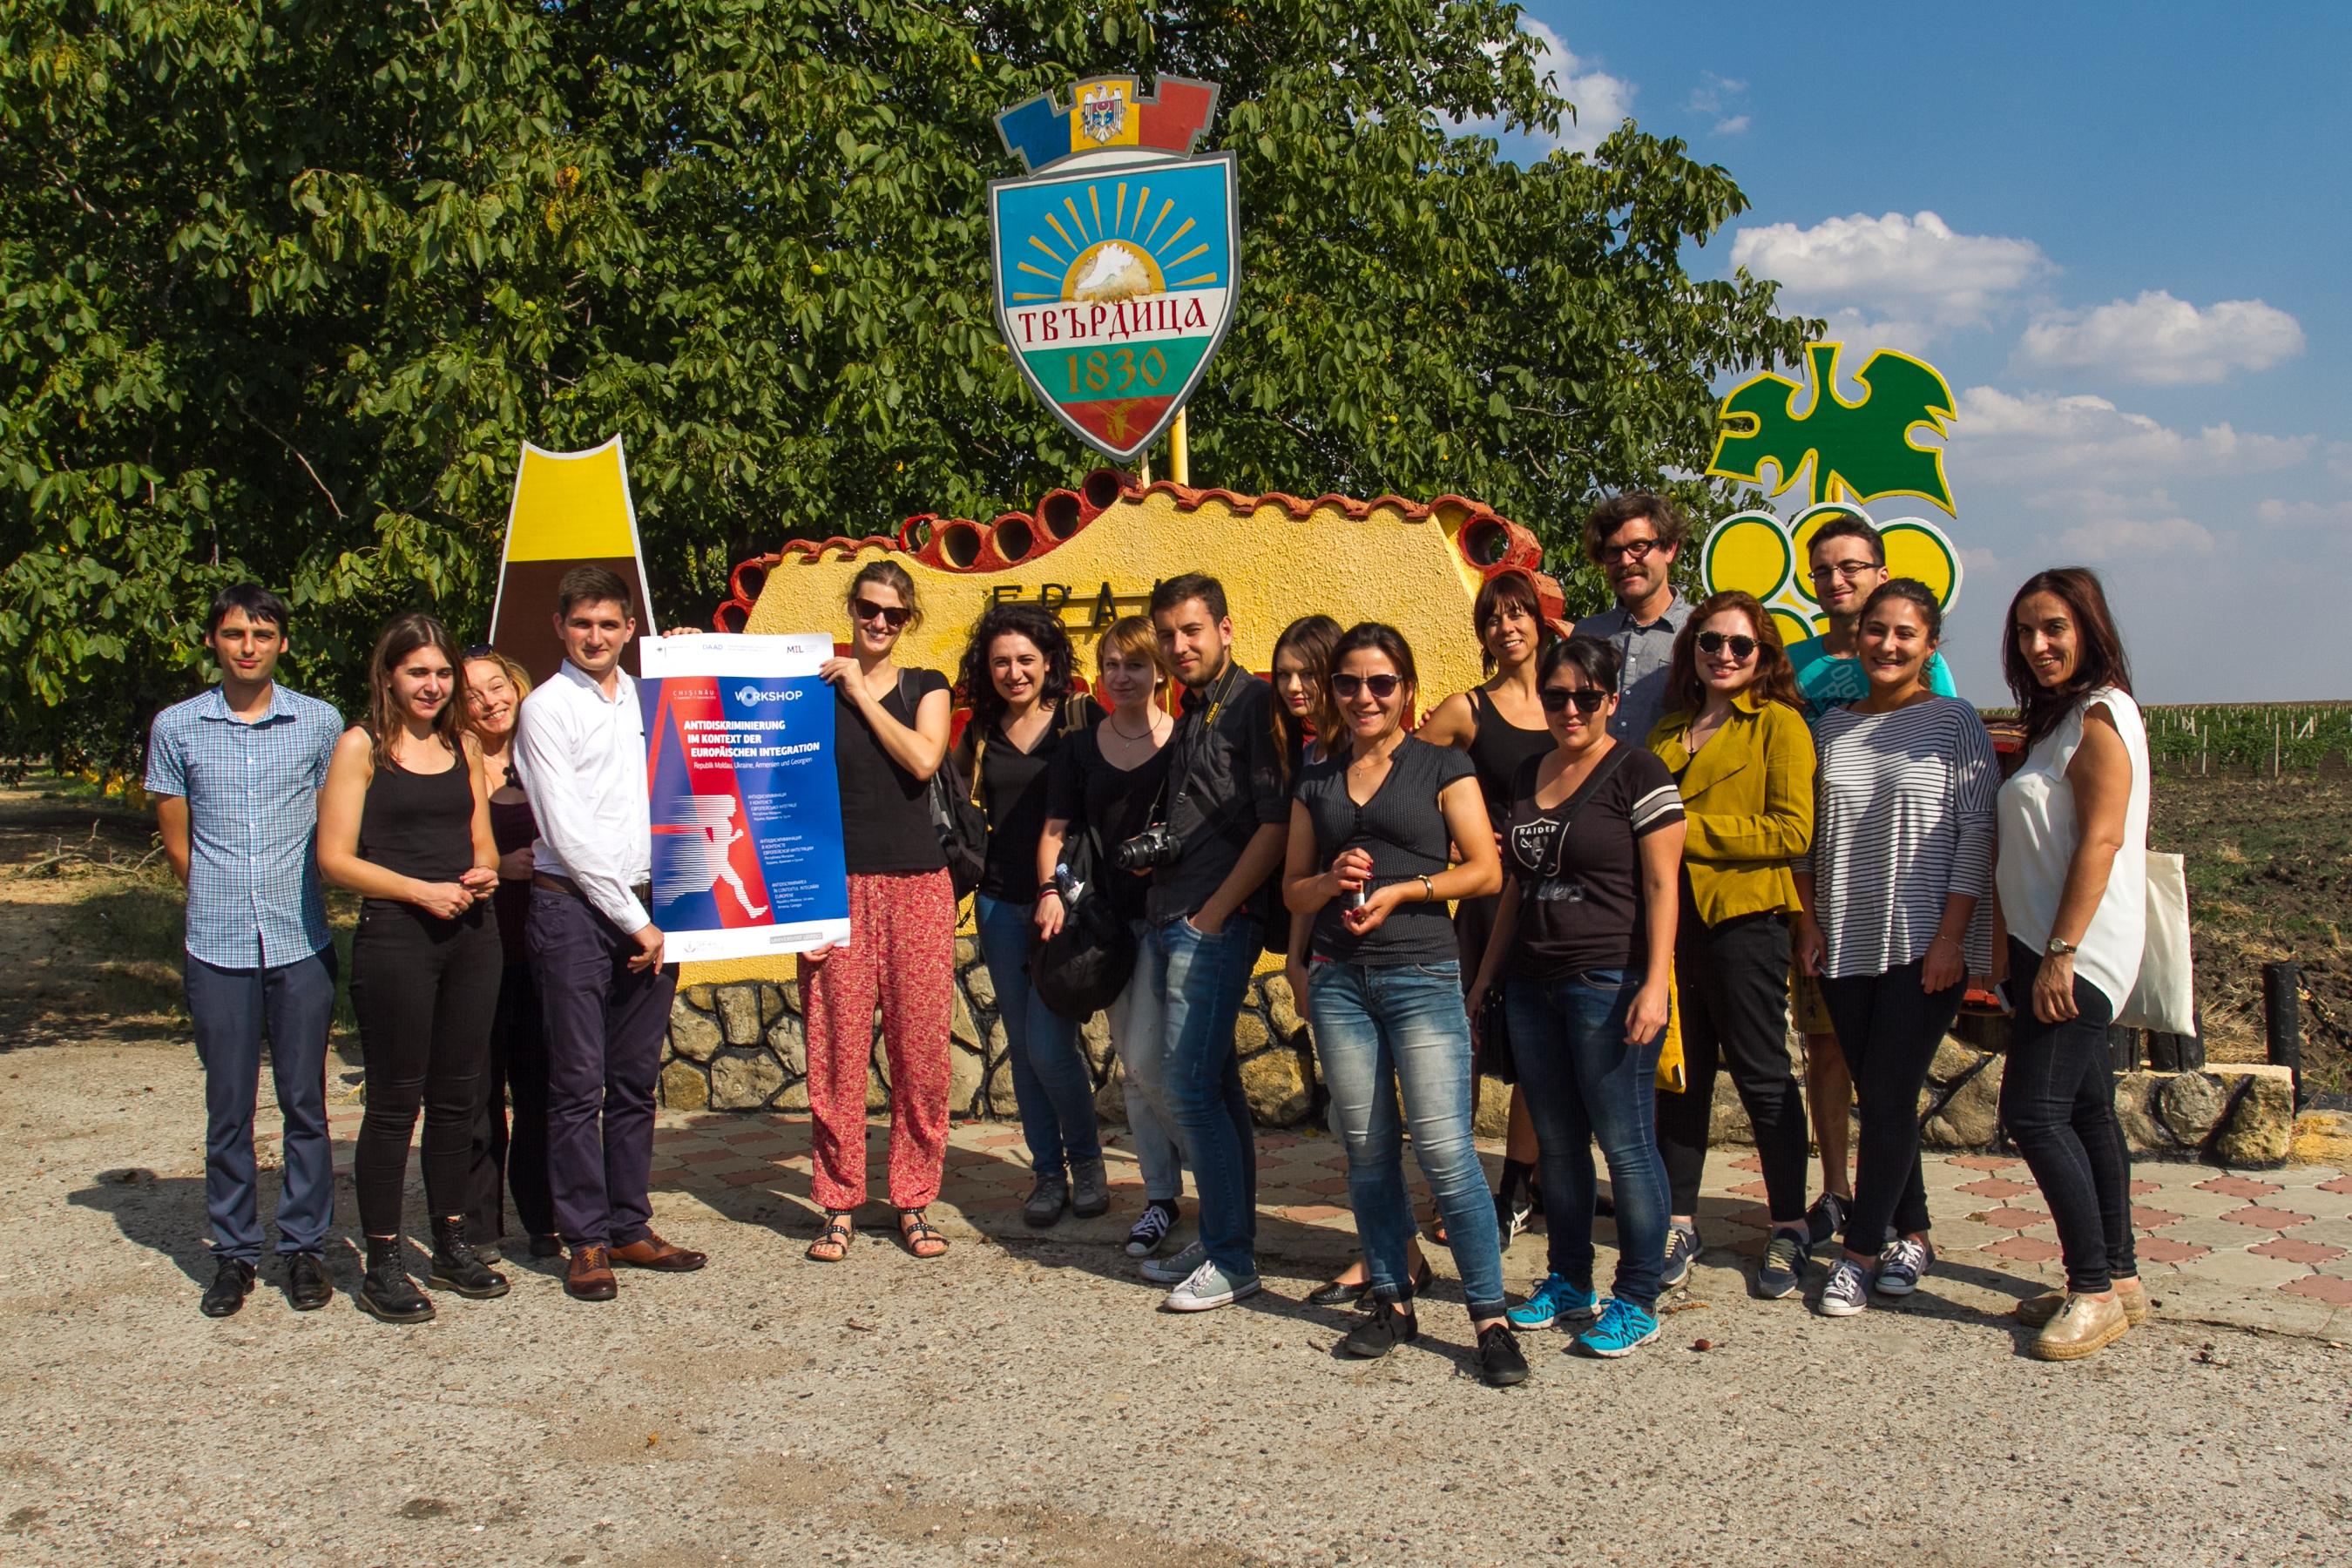 Foto TeilnehmerAntidiskriminierung-im Dorf Tvardita